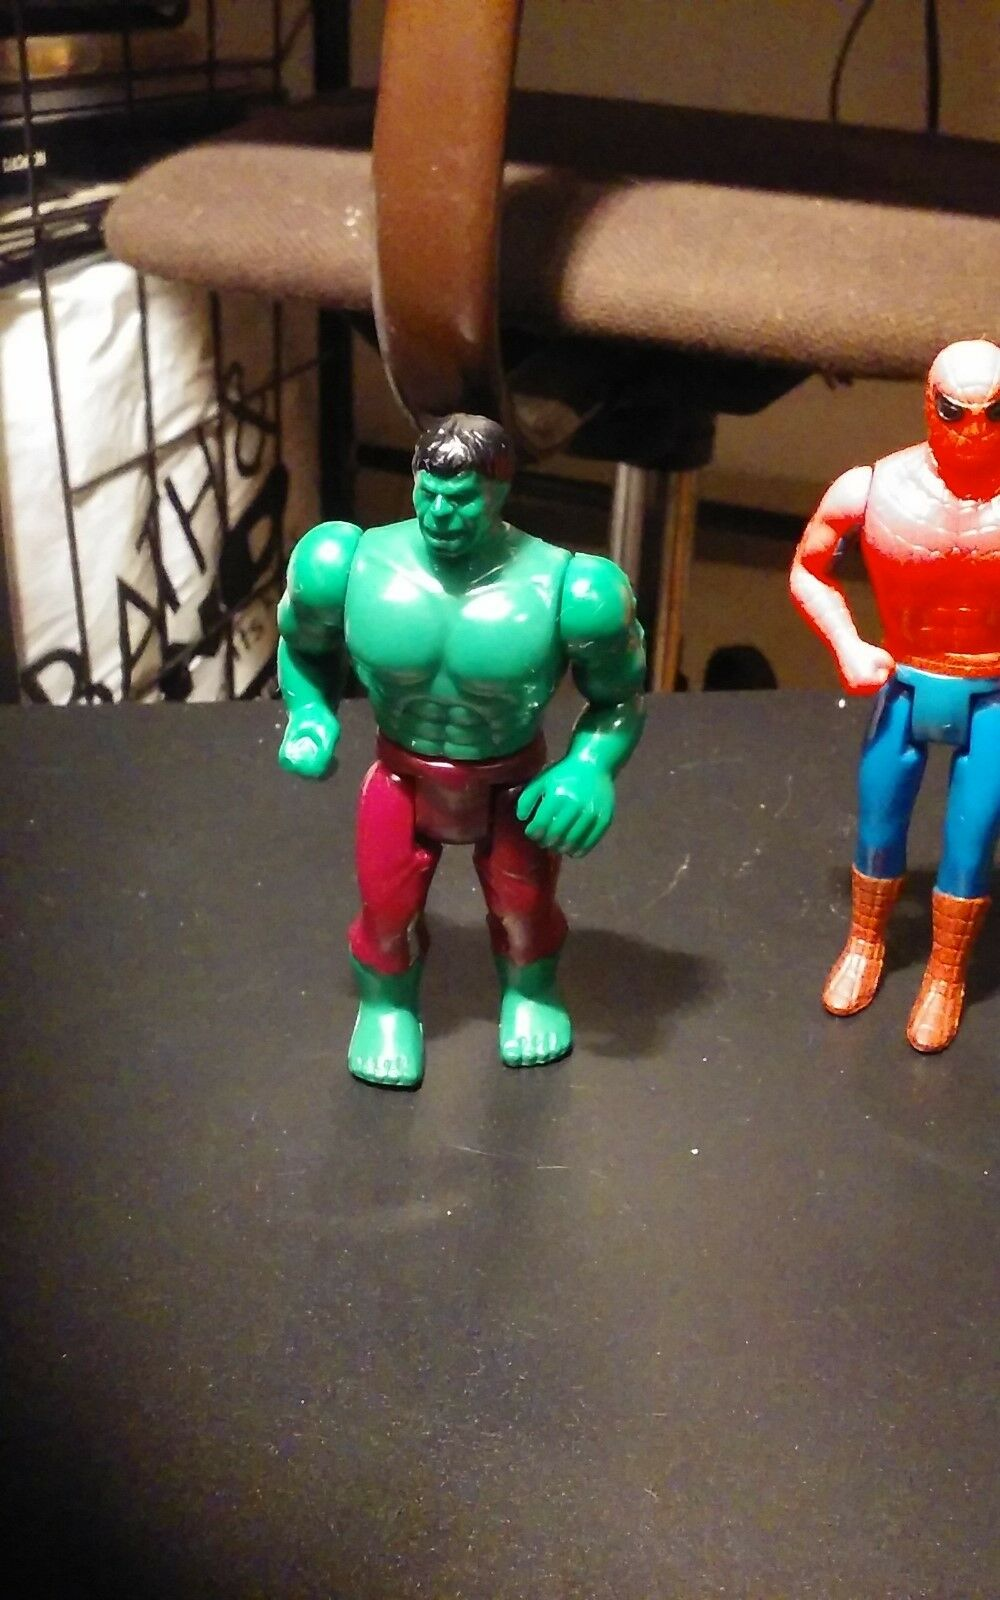 Mego action - figur spiderman, hulk spiderman - parkplatz